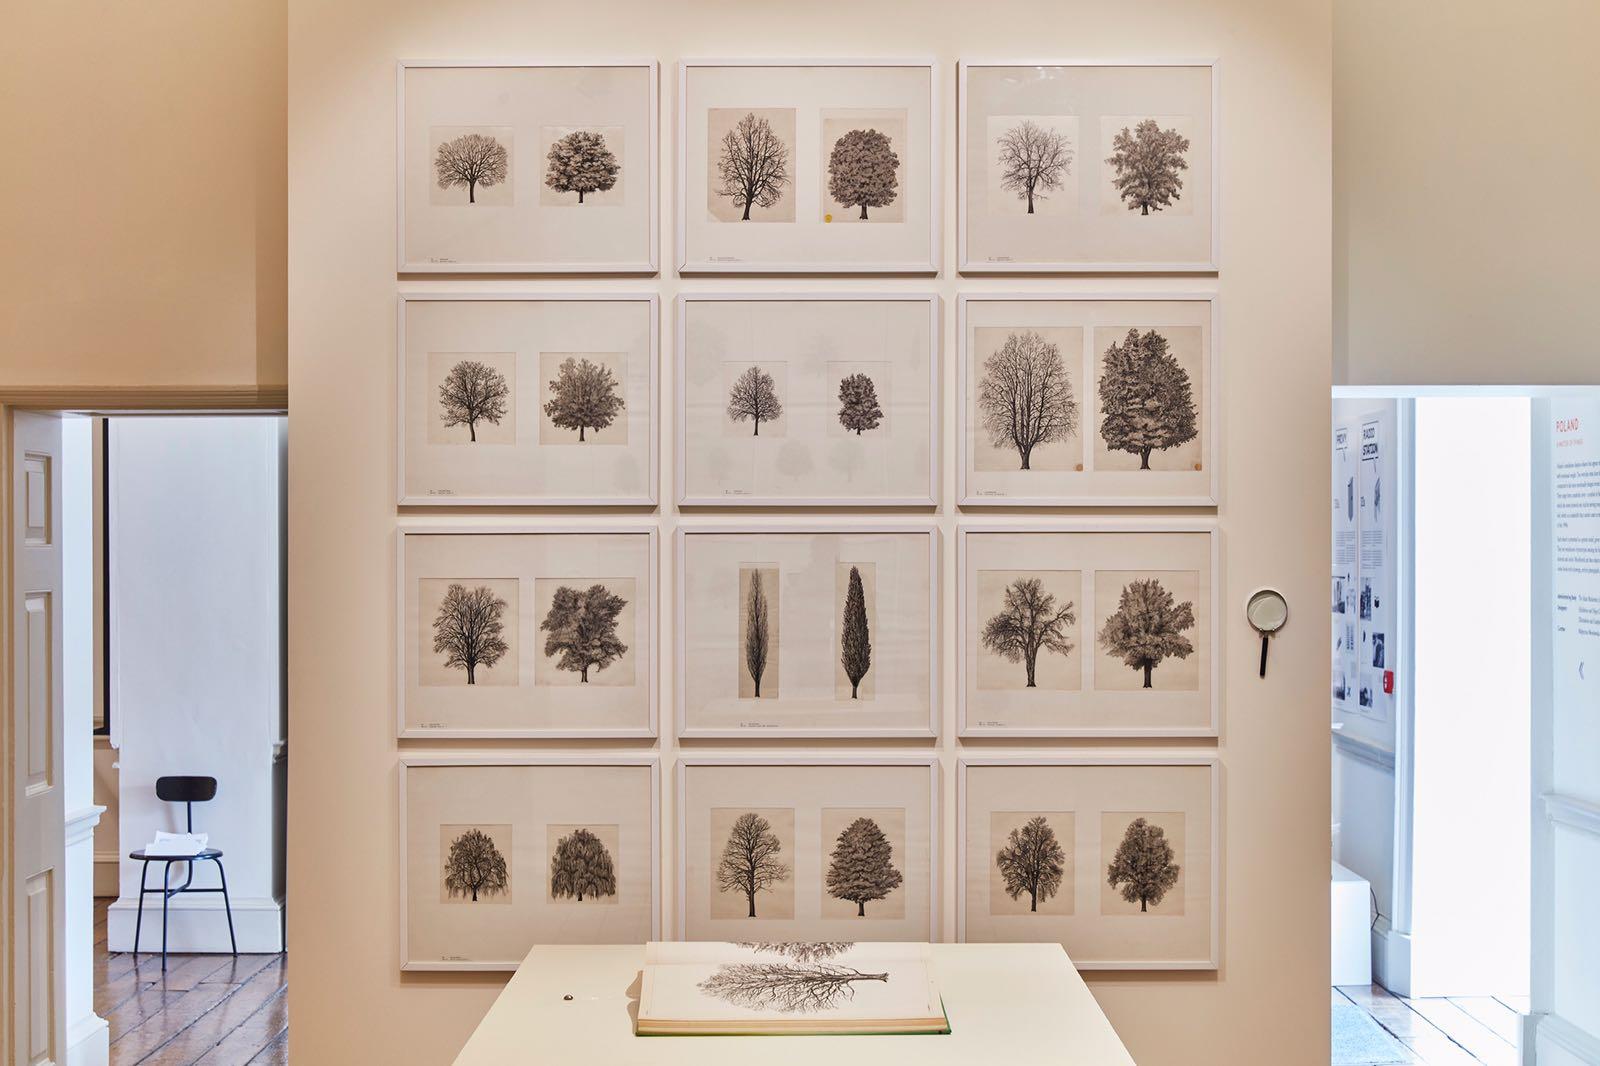 Photo credit: Ed Reeve (London Design Biennale)